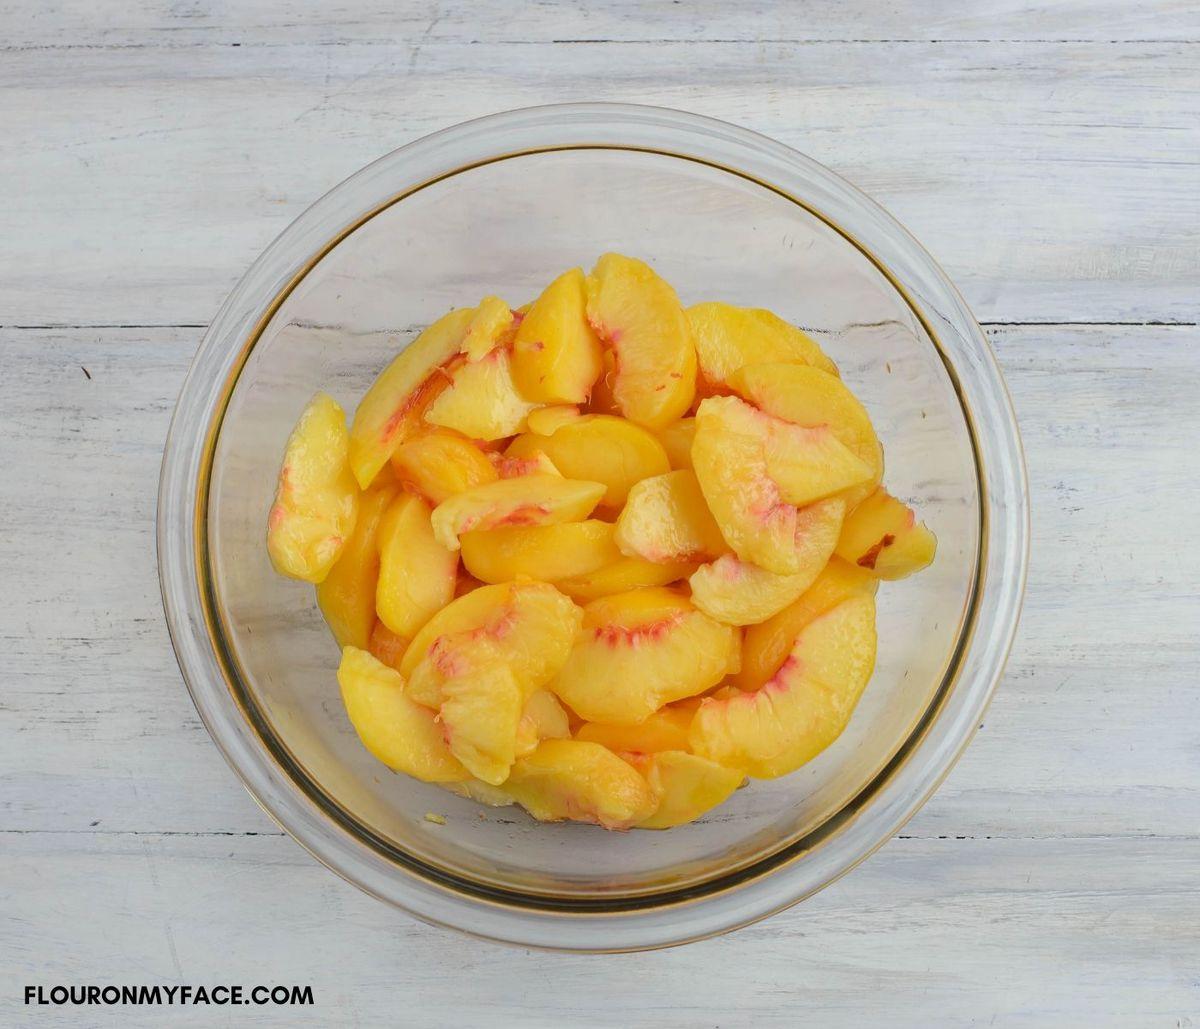 Fresh peaches sliced in a glass bowl.